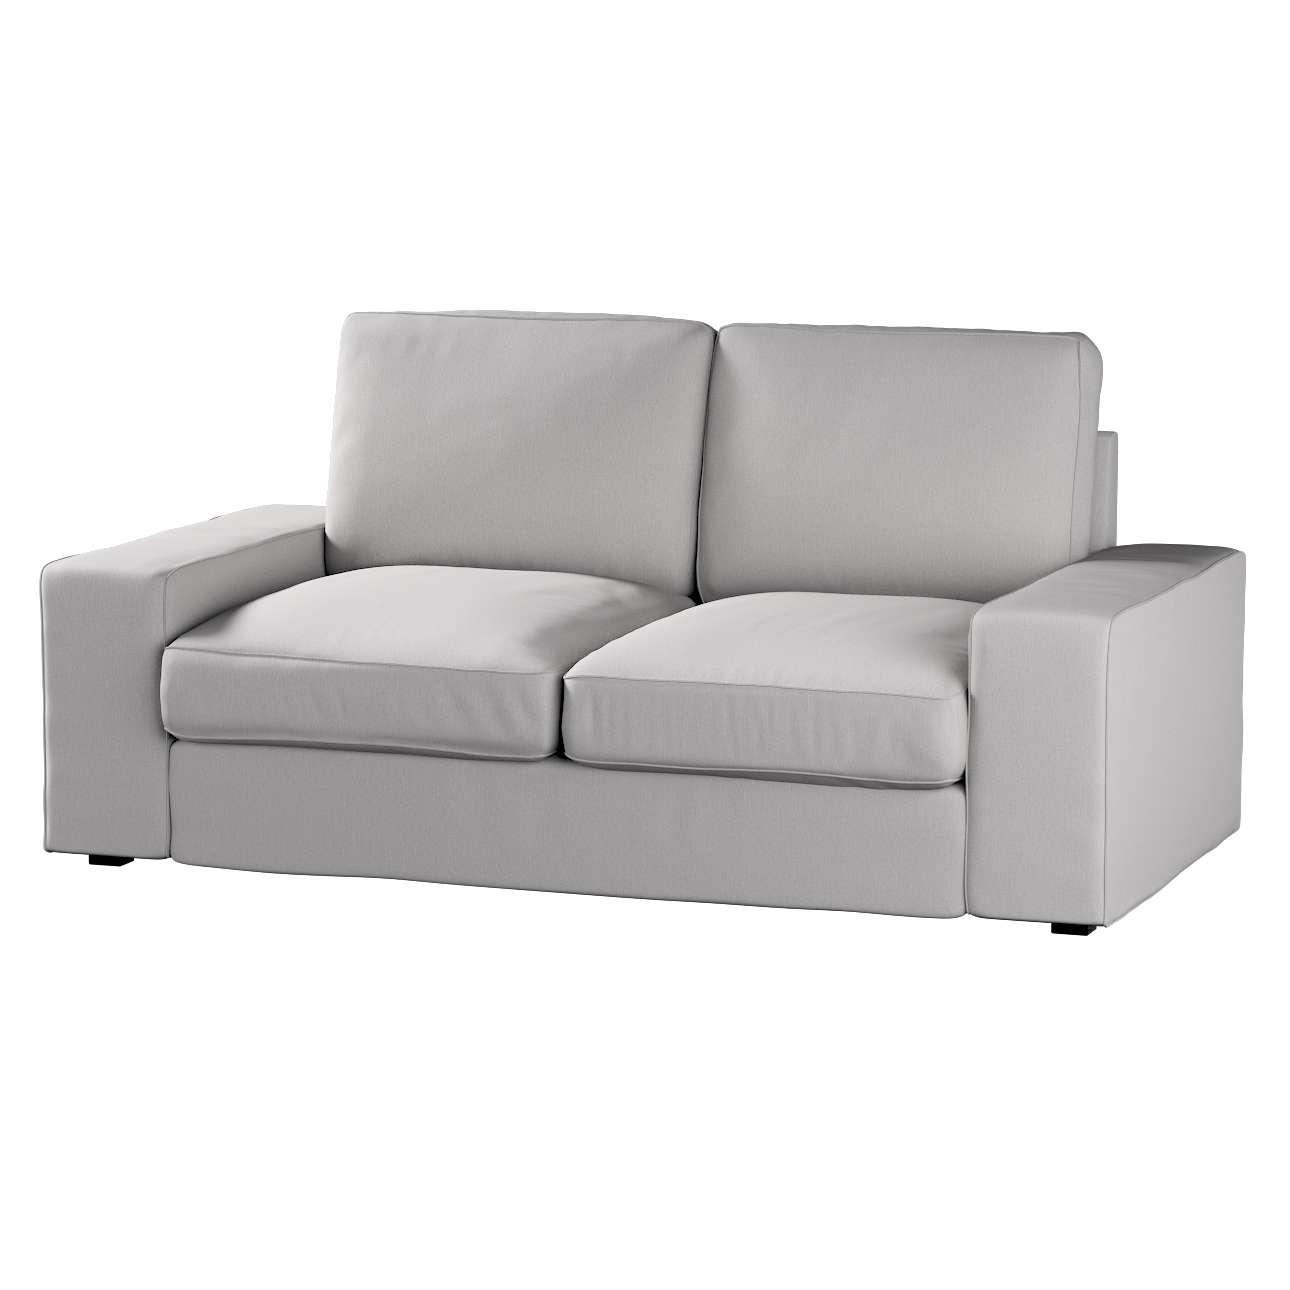 KIVIK dvivietės sofos užvalkalas Kivik 2-seat sofa kolekcijoje Chenille, audinys: 702-23